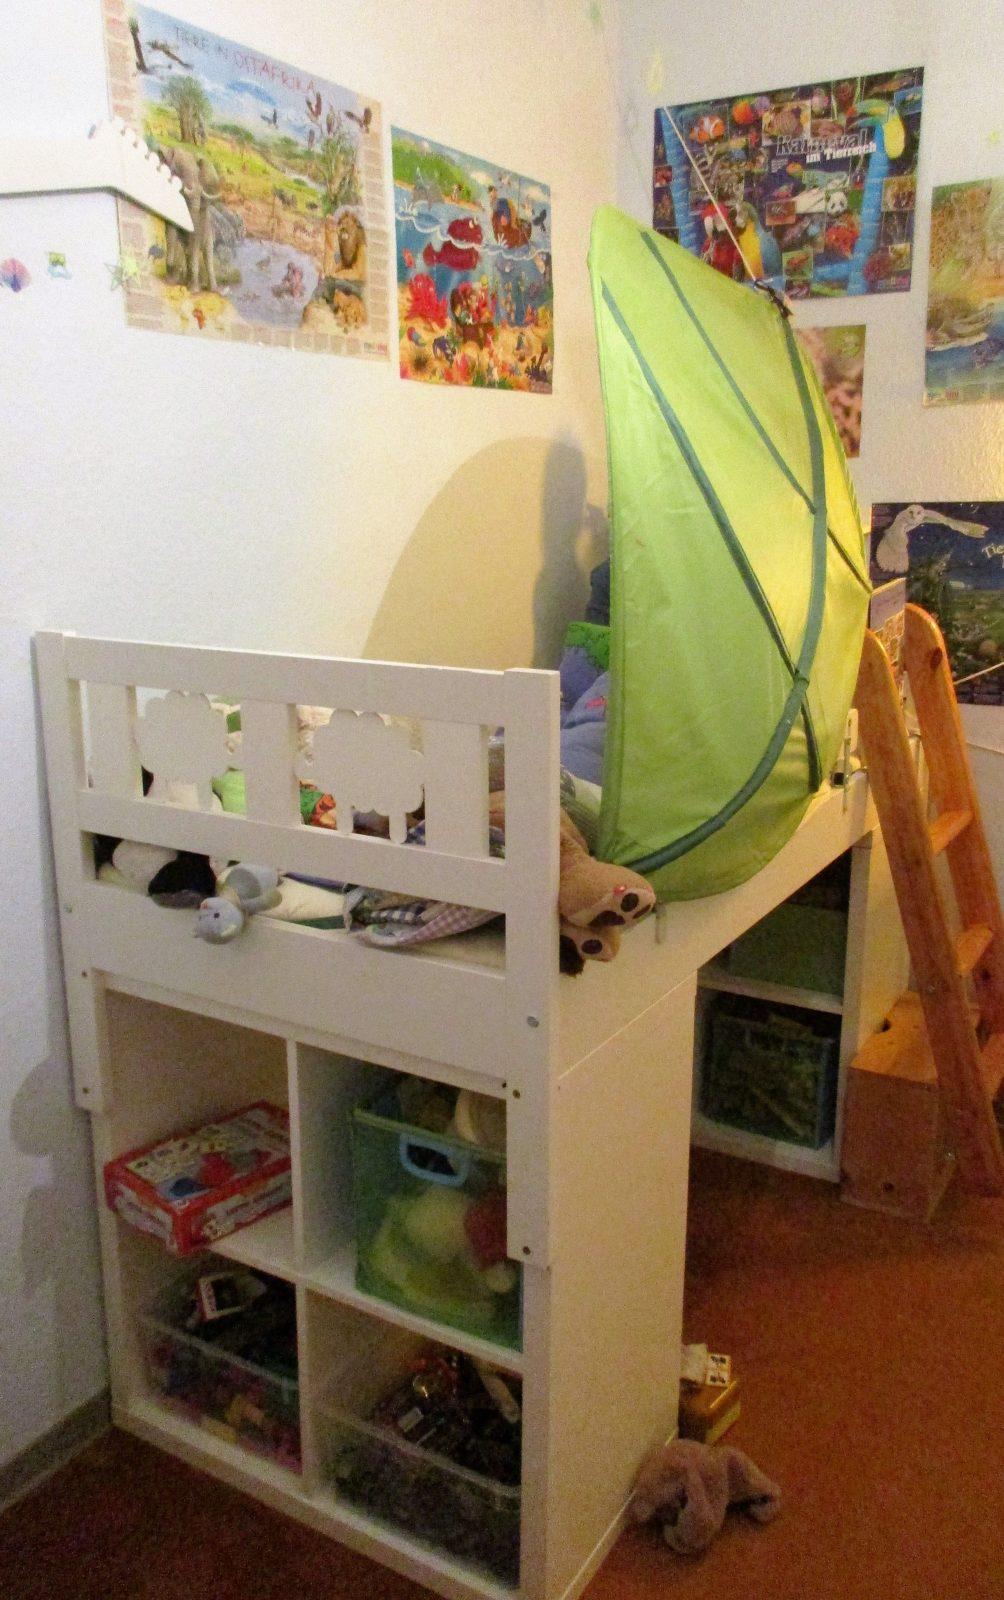 Hochbett Selber Bauen 2X Kallax Regal Von Ikea Unter Das Bett von Kallax Regal Selber Bauen Photo